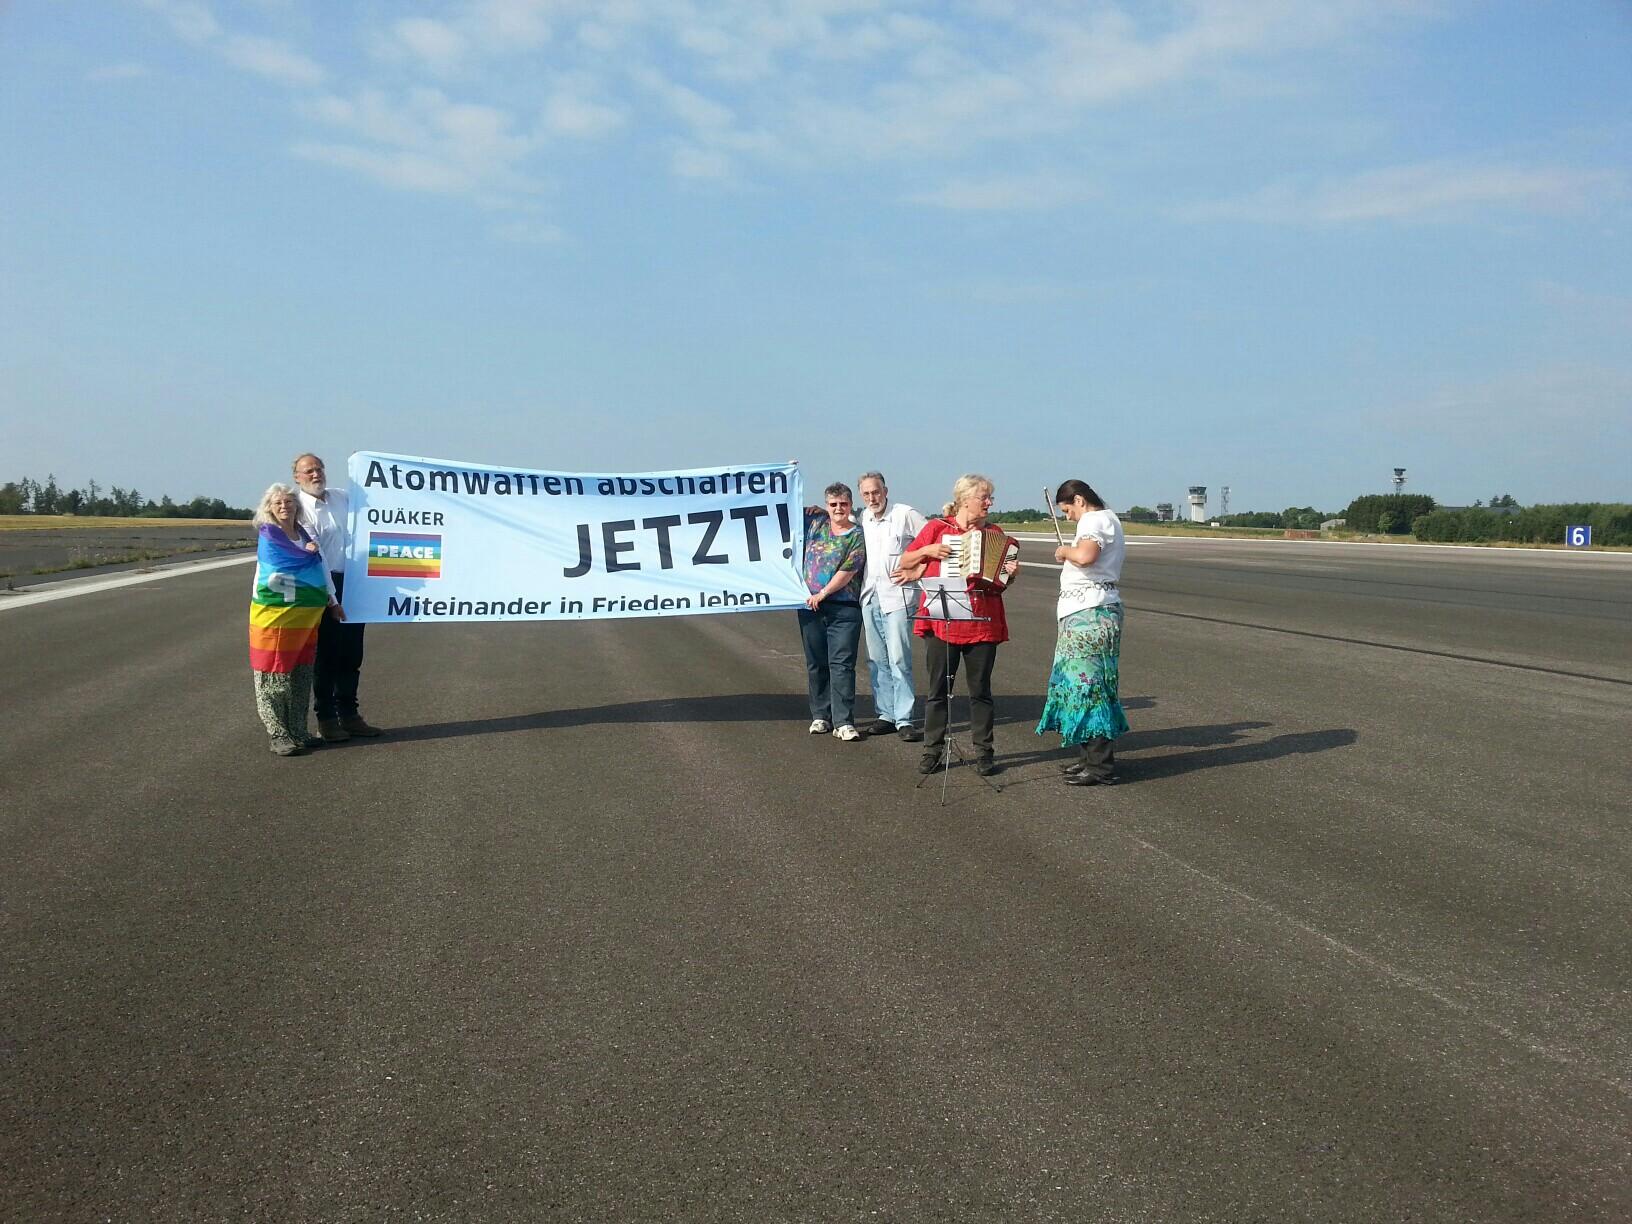 """Eine Gruppe von sechs Personen steht mitten auf einer riesigen asphaltierten Fläche und hält ein Transparent der Quäker mit der Aufschrift """"Atomwaffen abschaffen jetzt! Miteinander in Frieden leben""""."""